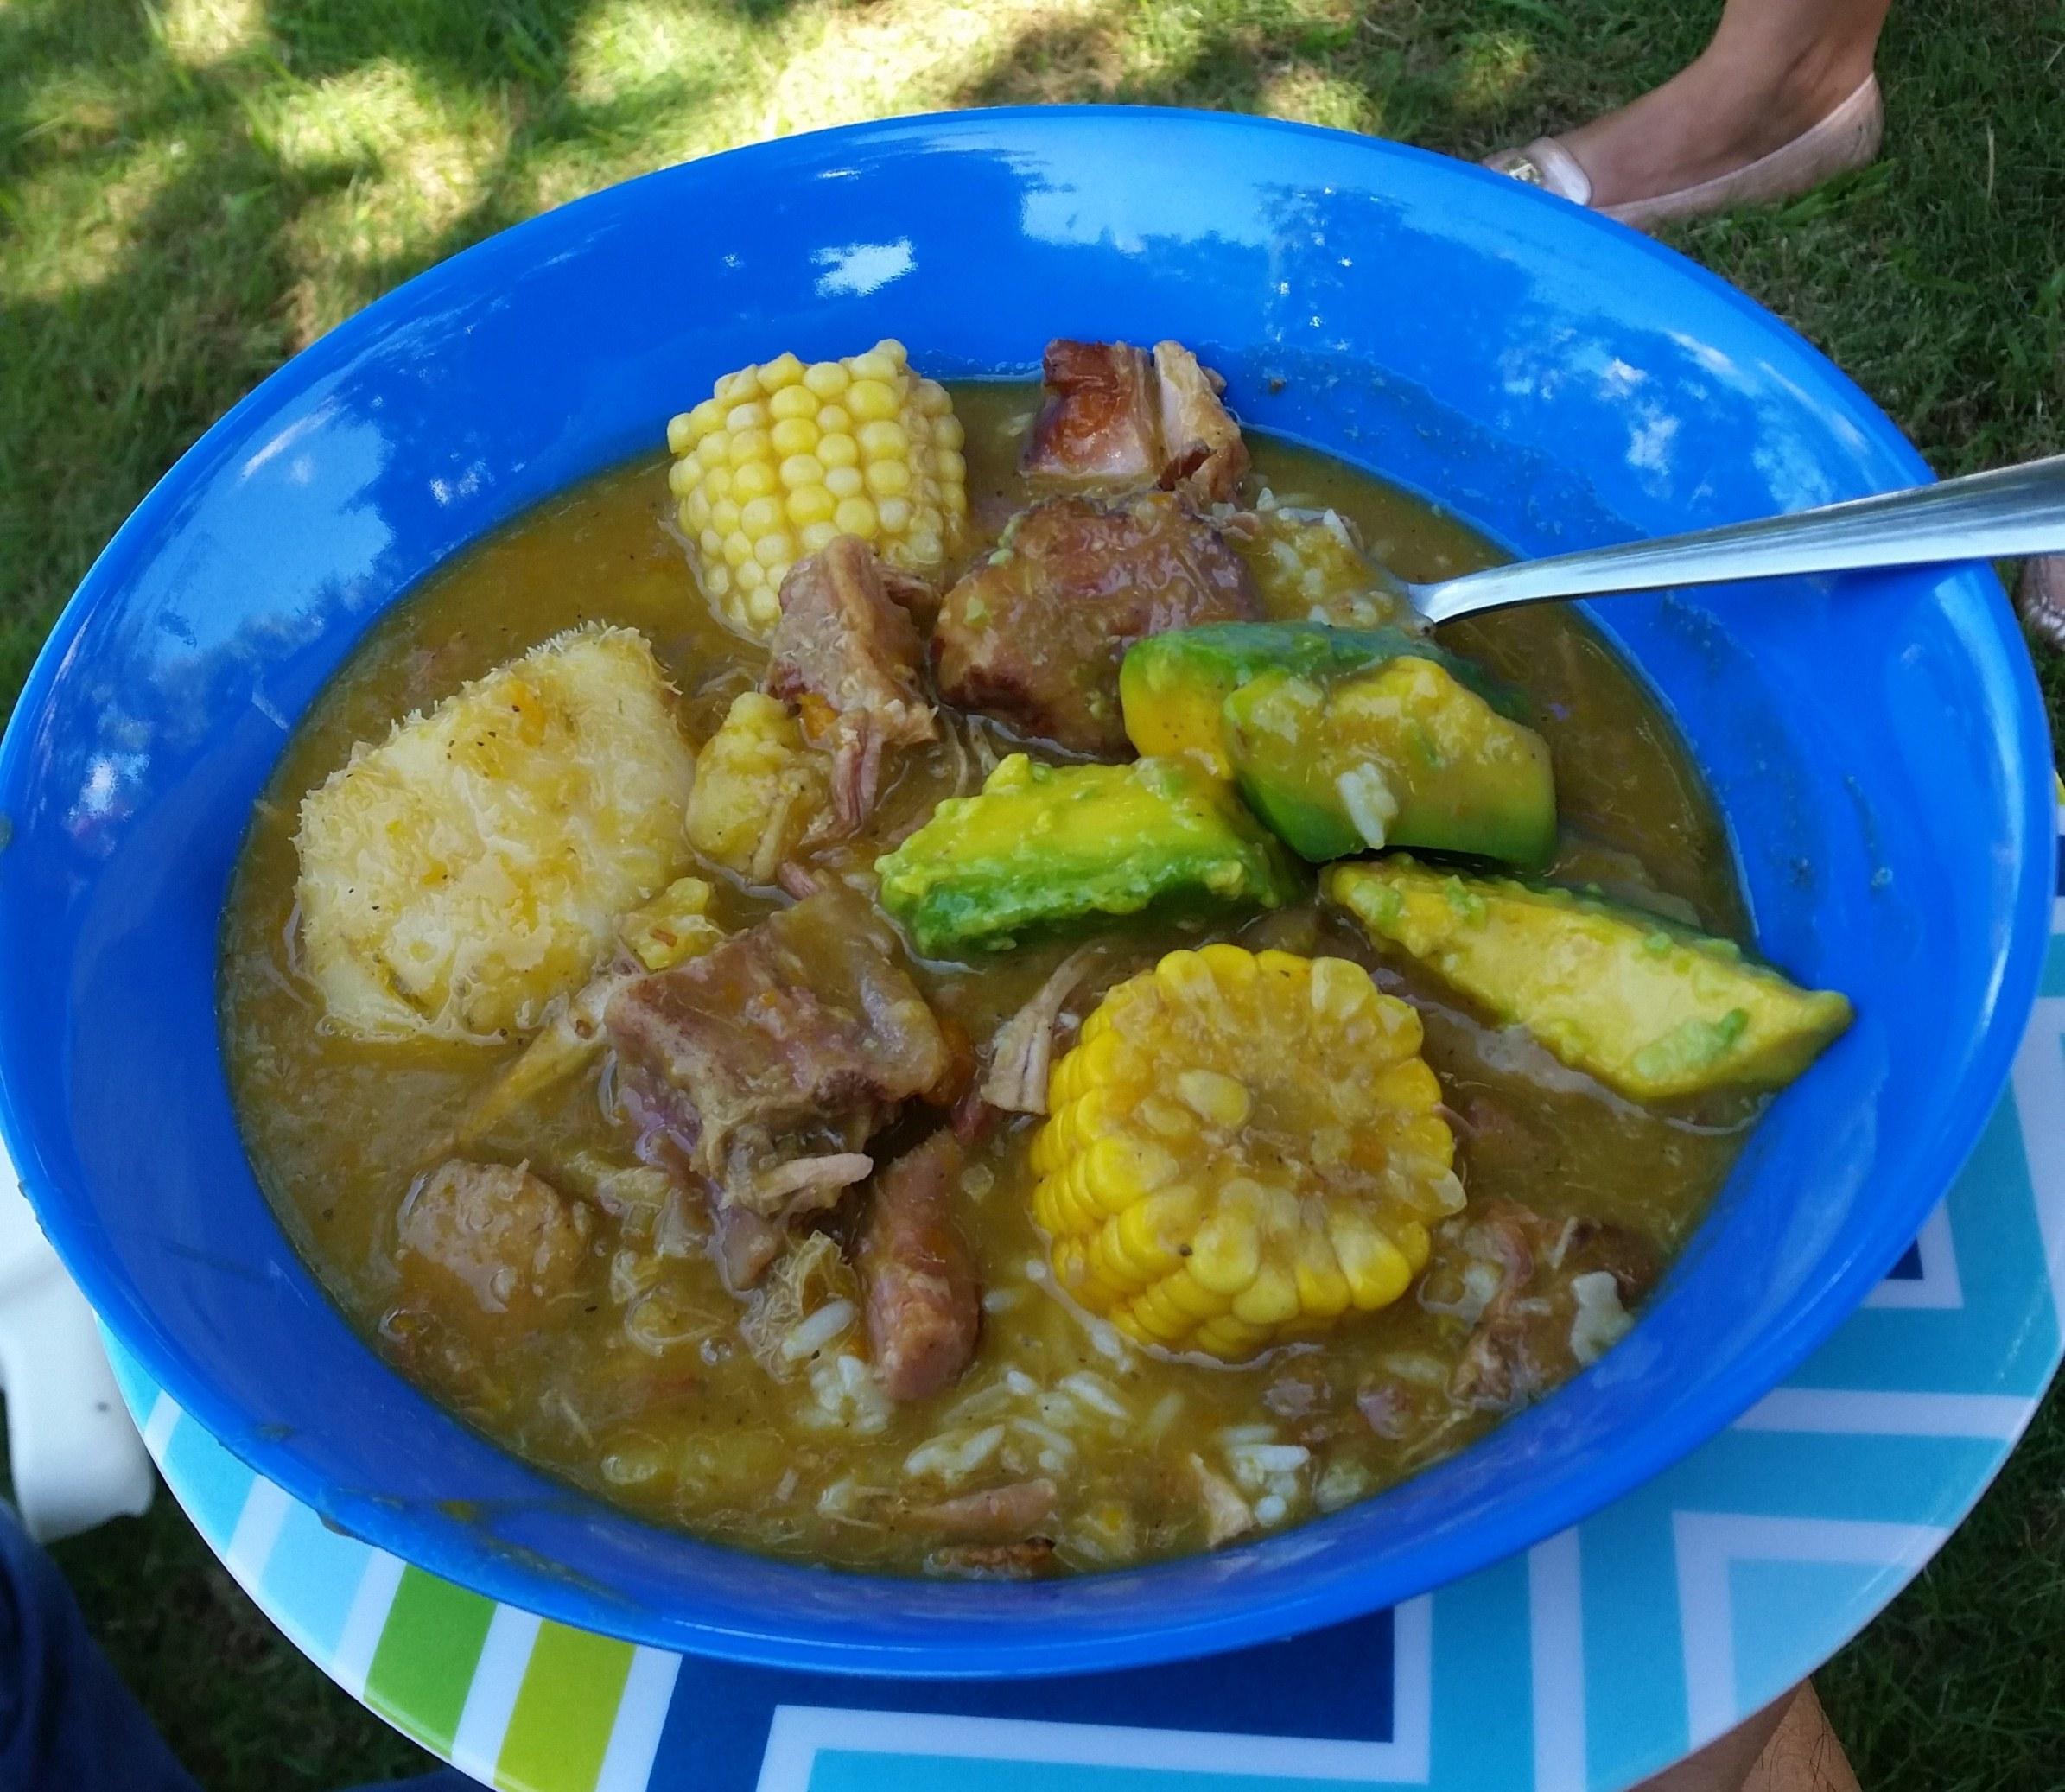 la comida dominicana se ha vuelto una tendencia afuegoalto